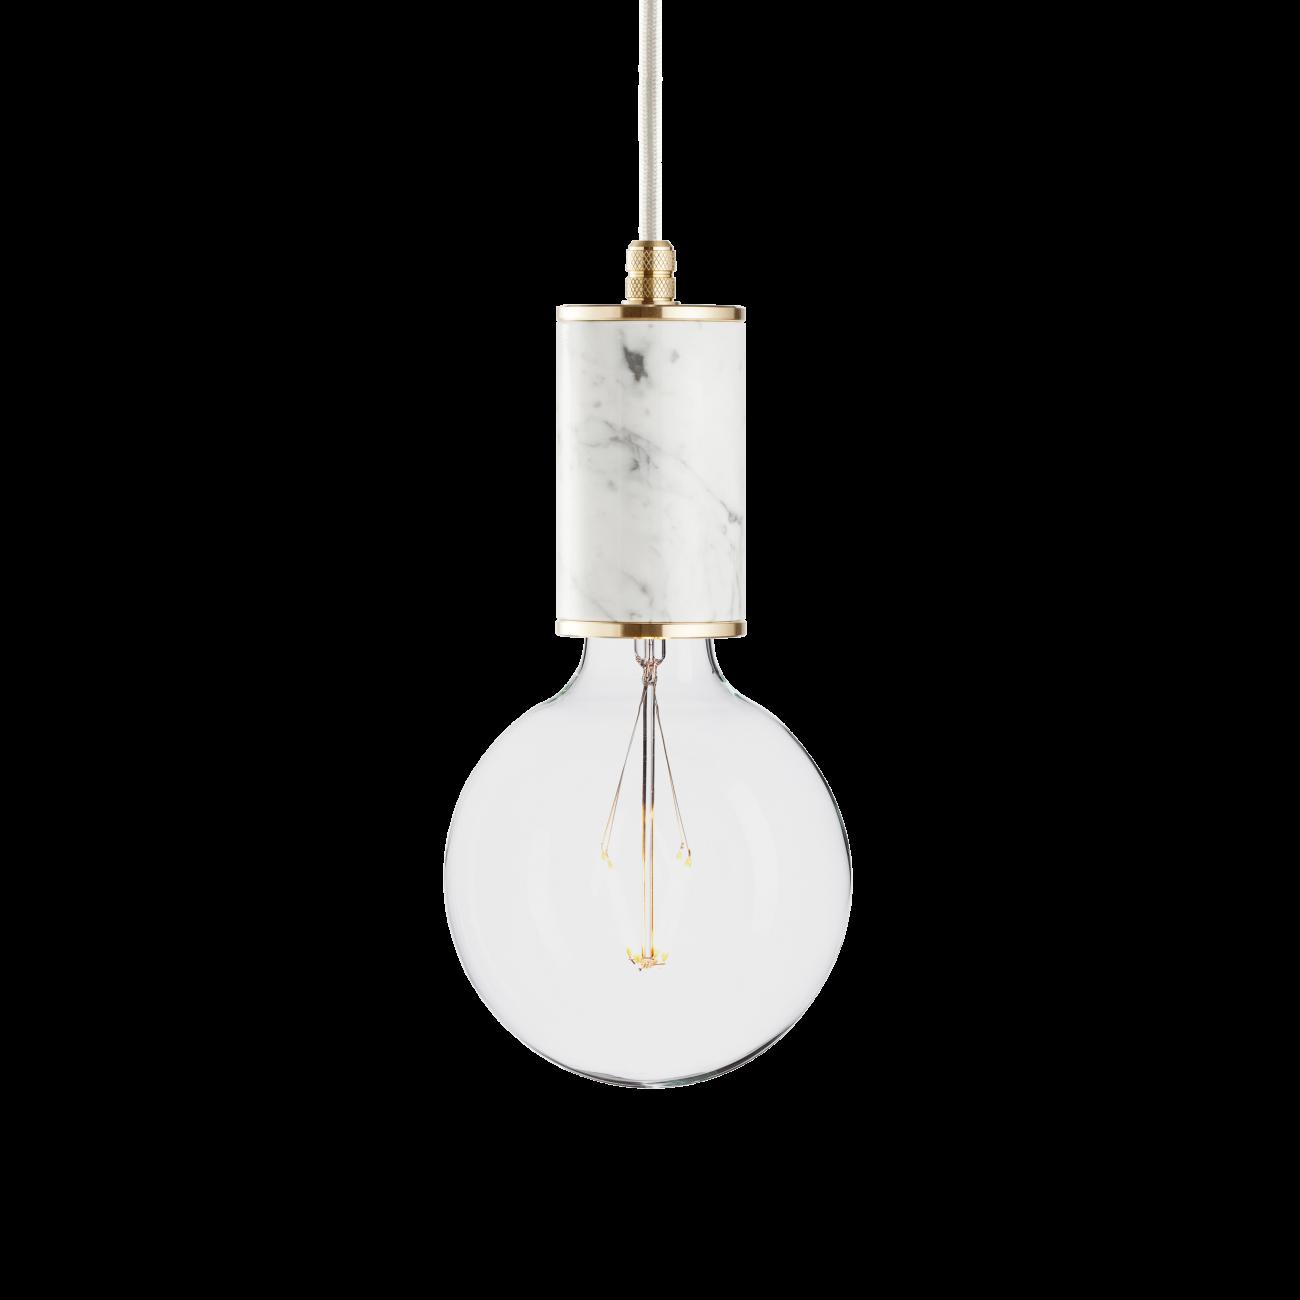 Купить Подвесной светильник MARMOR GLANS BIANCO BRASS в интернет магазине дизайнерской мебели и аксессуаров для дома и дачи